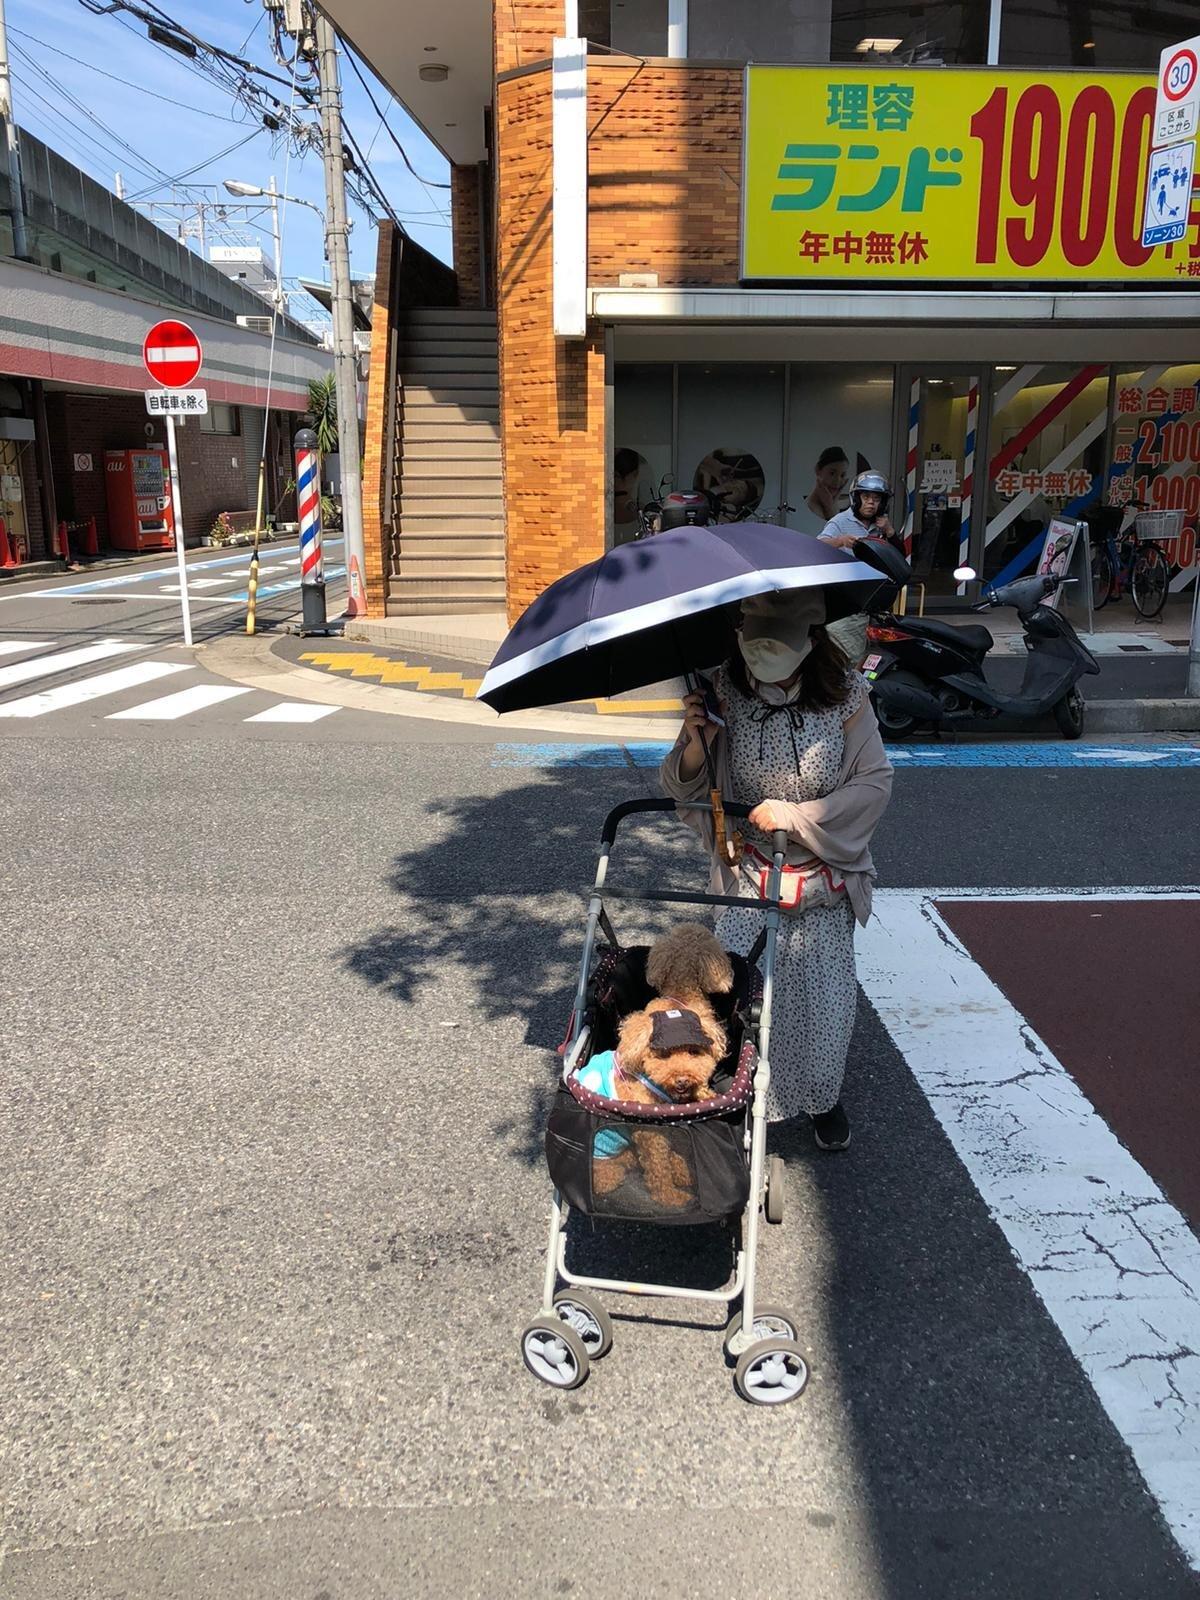 Ka koeral on kuumas Tokyos müts peas.